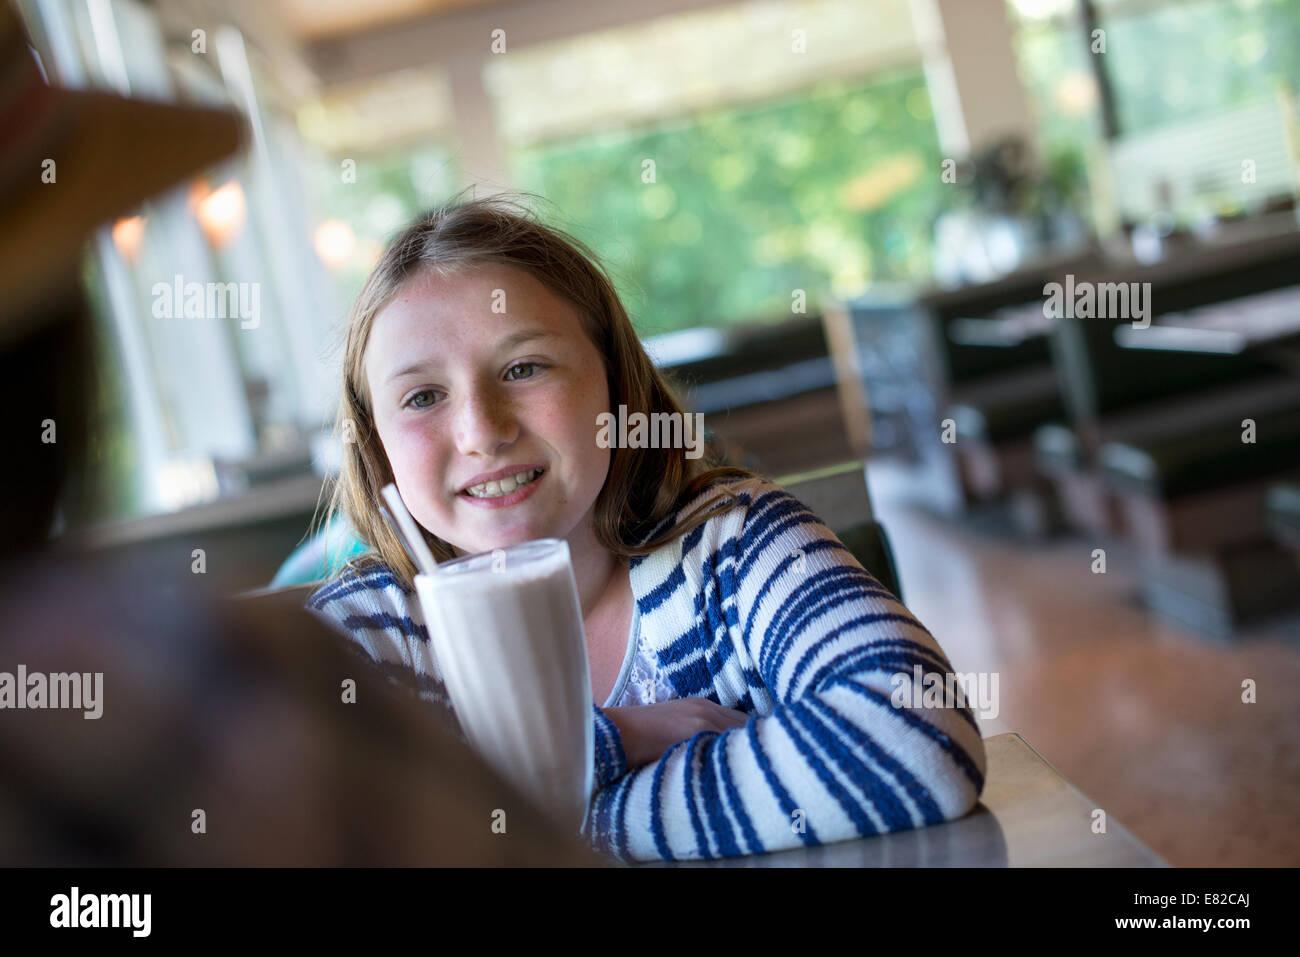 Una joven con una gran sacudida de leche en una mesa de comedor. Foto de stock